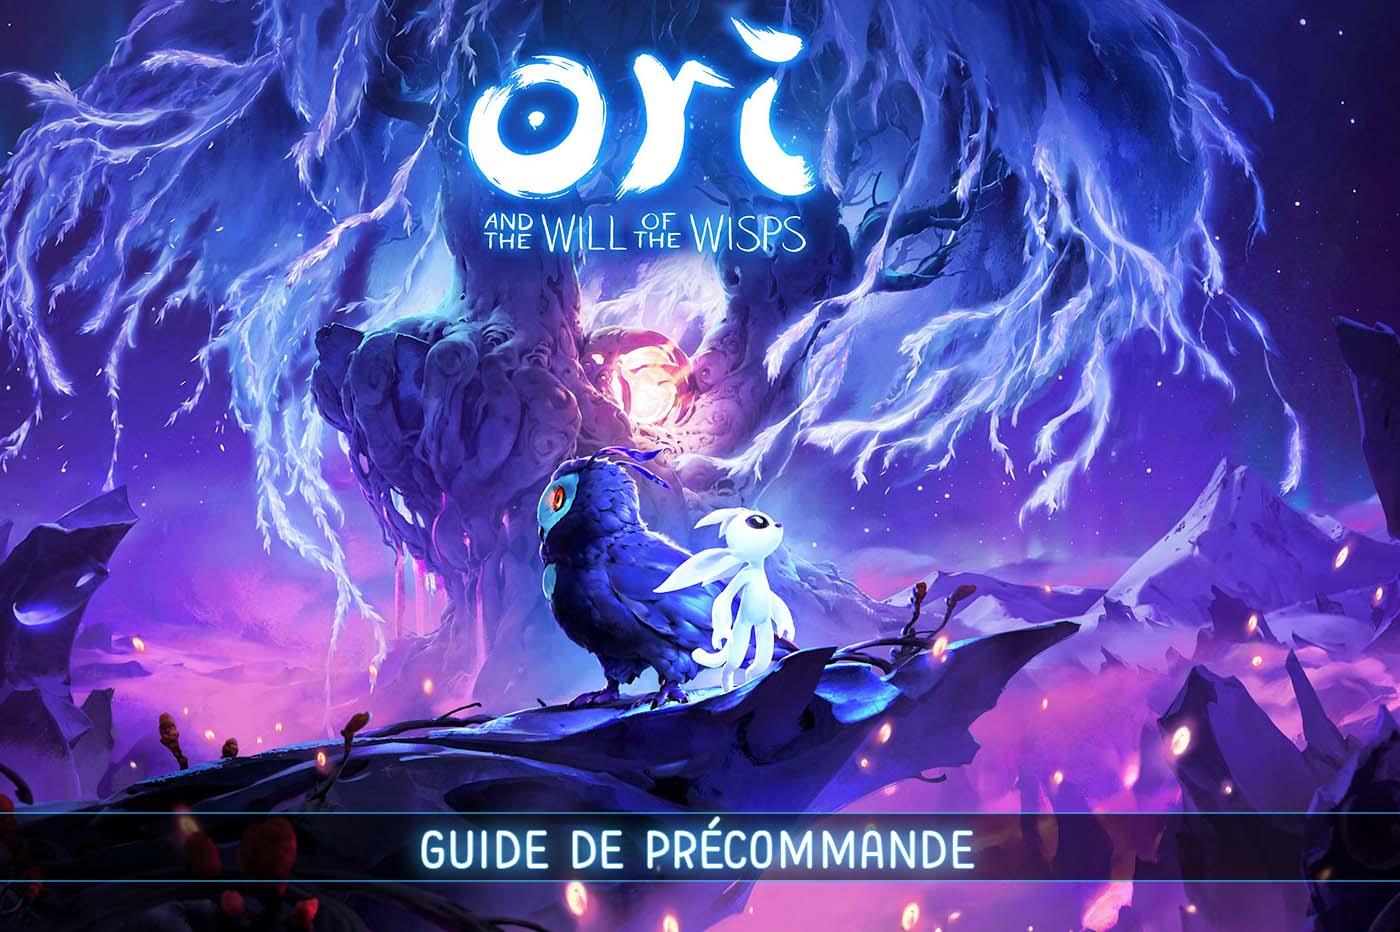 Hướng dẫn đặt hàng trước của Ori and Will of the Wisps